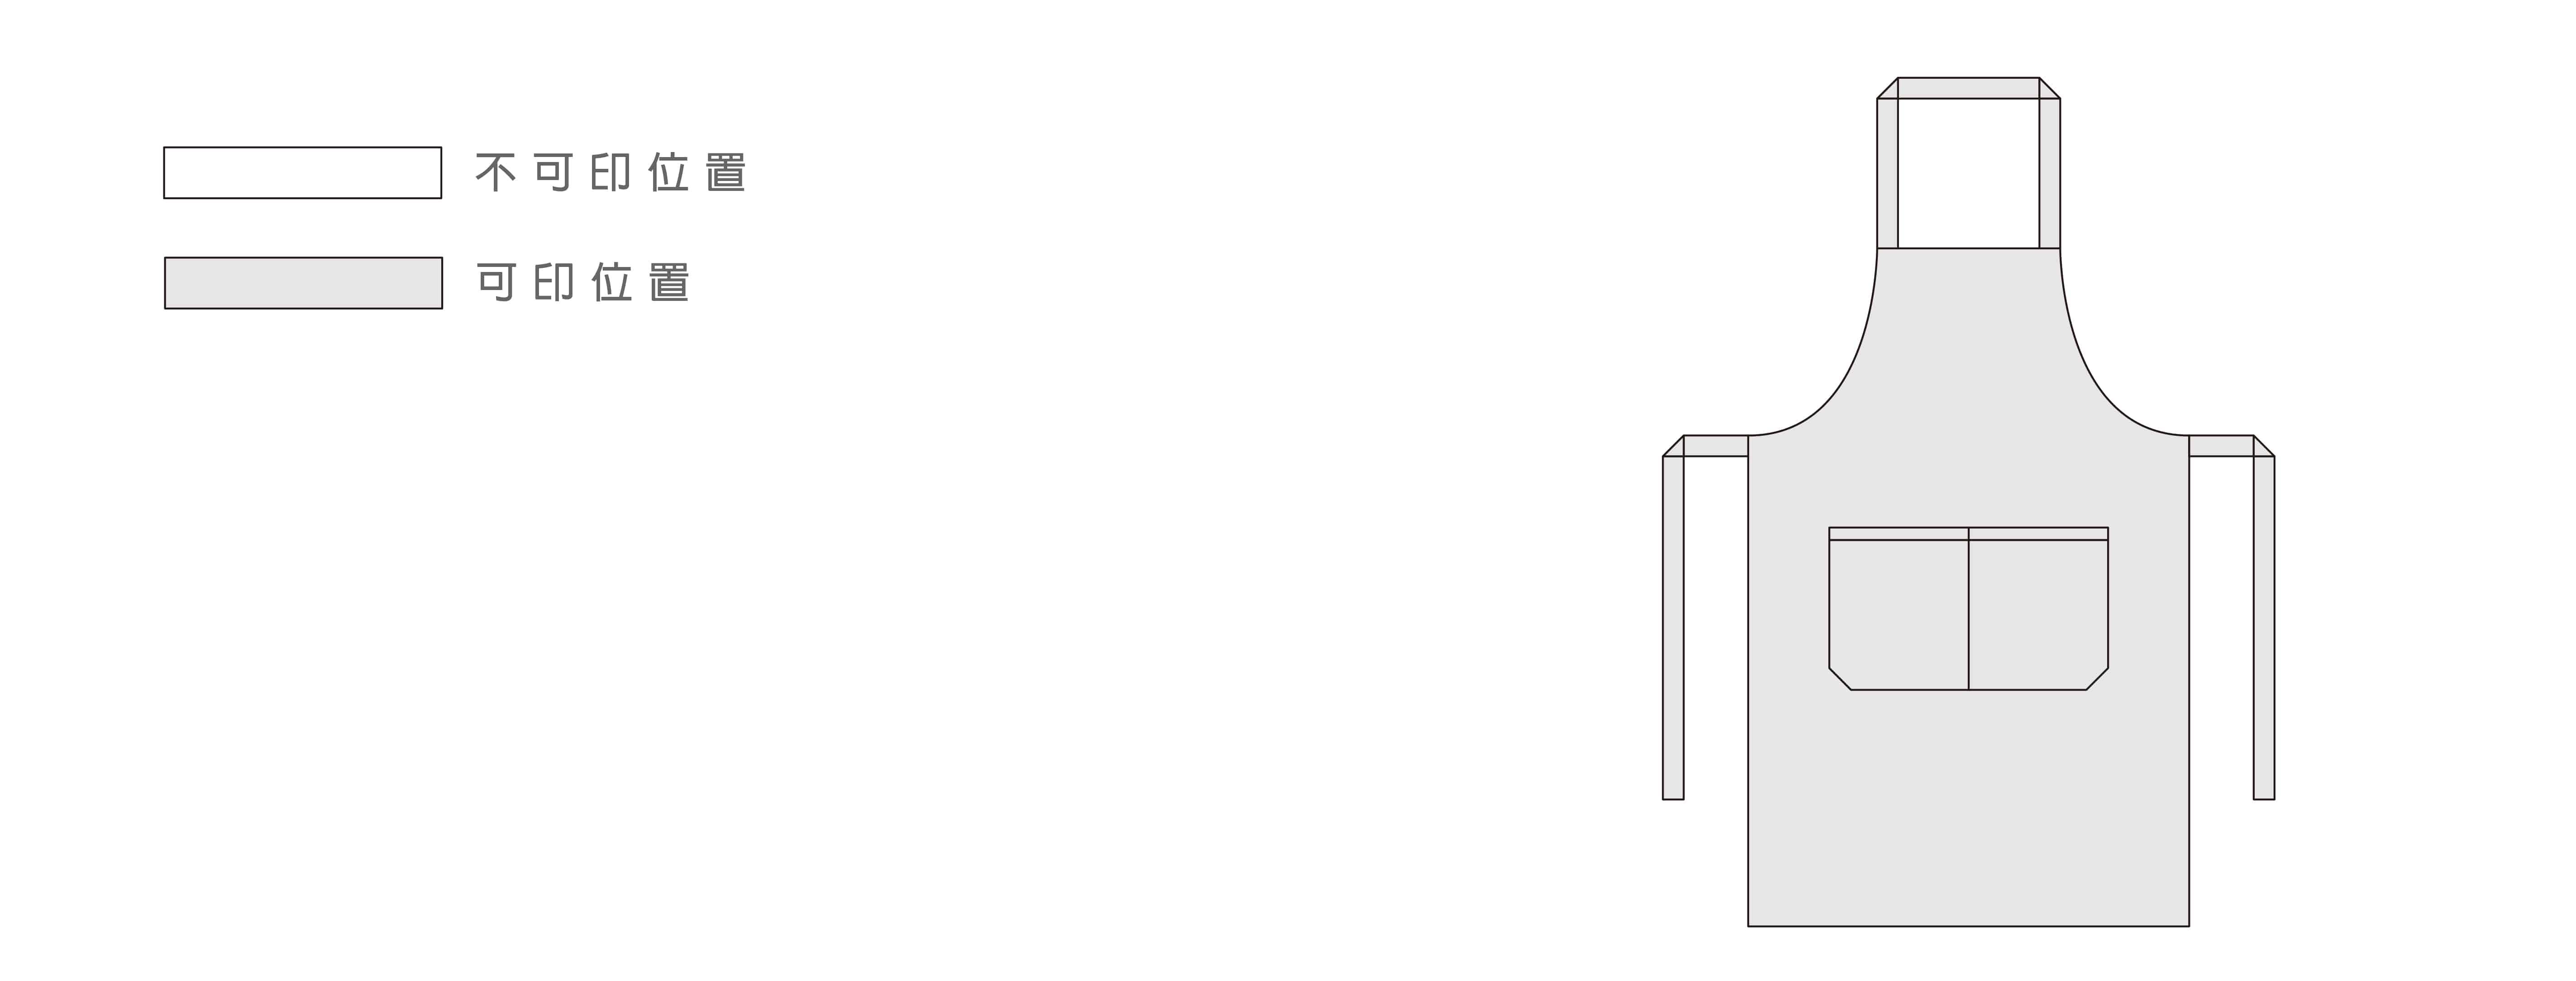 裁布製APRONS印圖位置